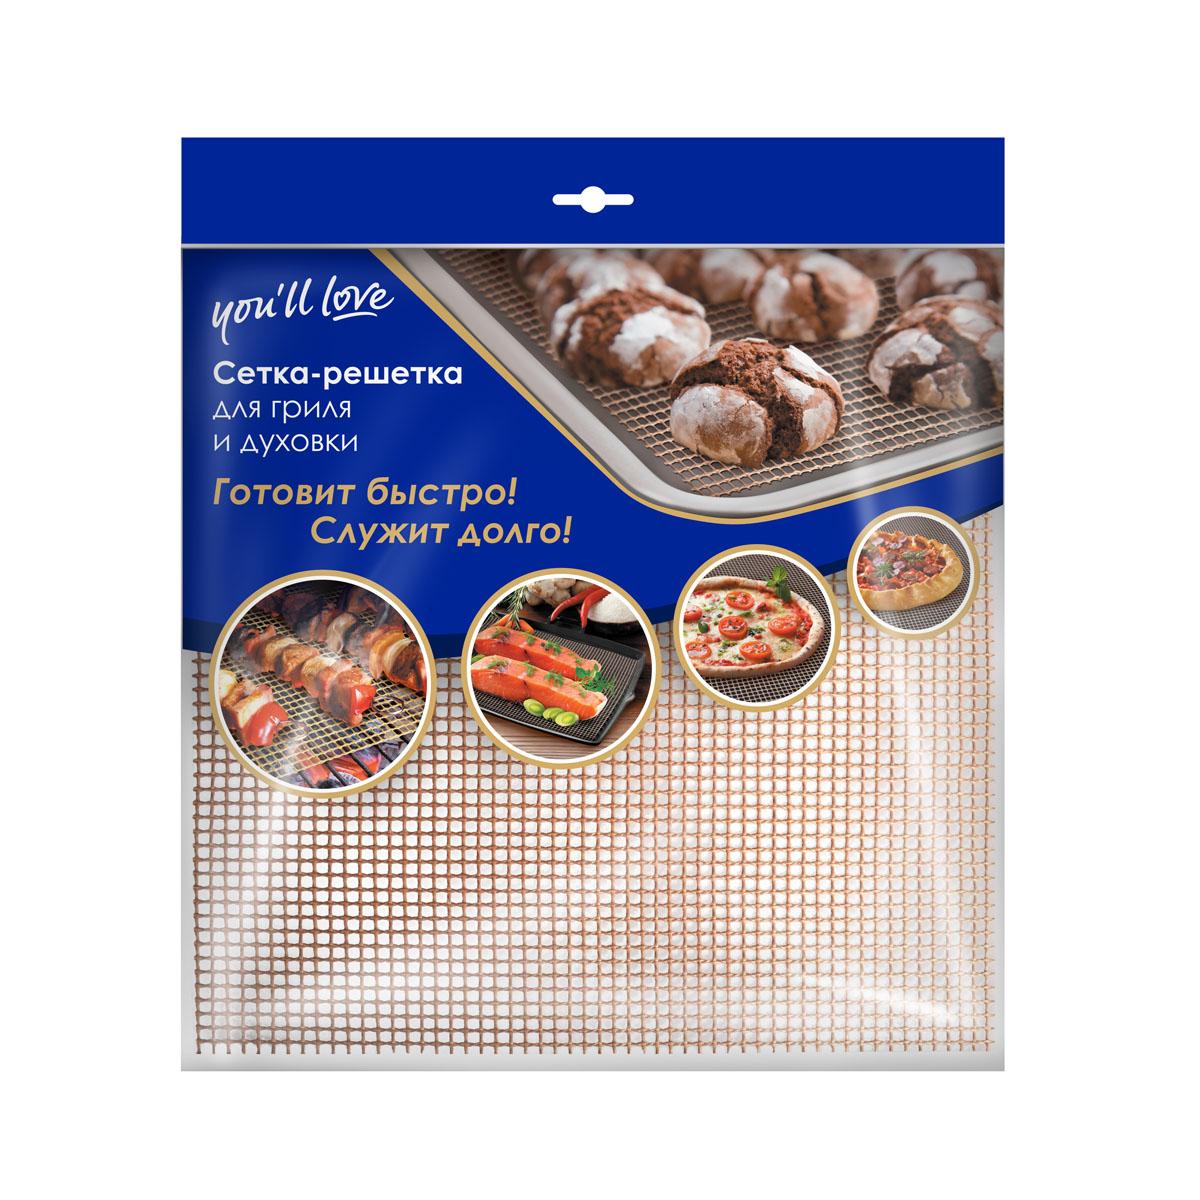 """Сетка-решетка """"You`ll love"""" изготовлена из стекловолокна с тефлоновым покрытием. Сетка-  решетка позволяет приготовить еду быстро и равномерно со всех сторон. Размещение пищи не   сетке позволяет воздуху циркулировать, что идеально для получения хрустящей корочки. Сетка   удобно располагается на полке духовки или противне. Она выдерживает нагревание до 260°С.   Сетка легка в уходе, просто протрите чистой салфеткой или промойте в теплой мыльной воде.    Можно мыть в посудомоечной машине. Не резать продукты на сетке-решетке. Не подвергать   прямому воздействию огня.   Материал: стекловолокно.  Размер сетки: 30 см х 30 см."""